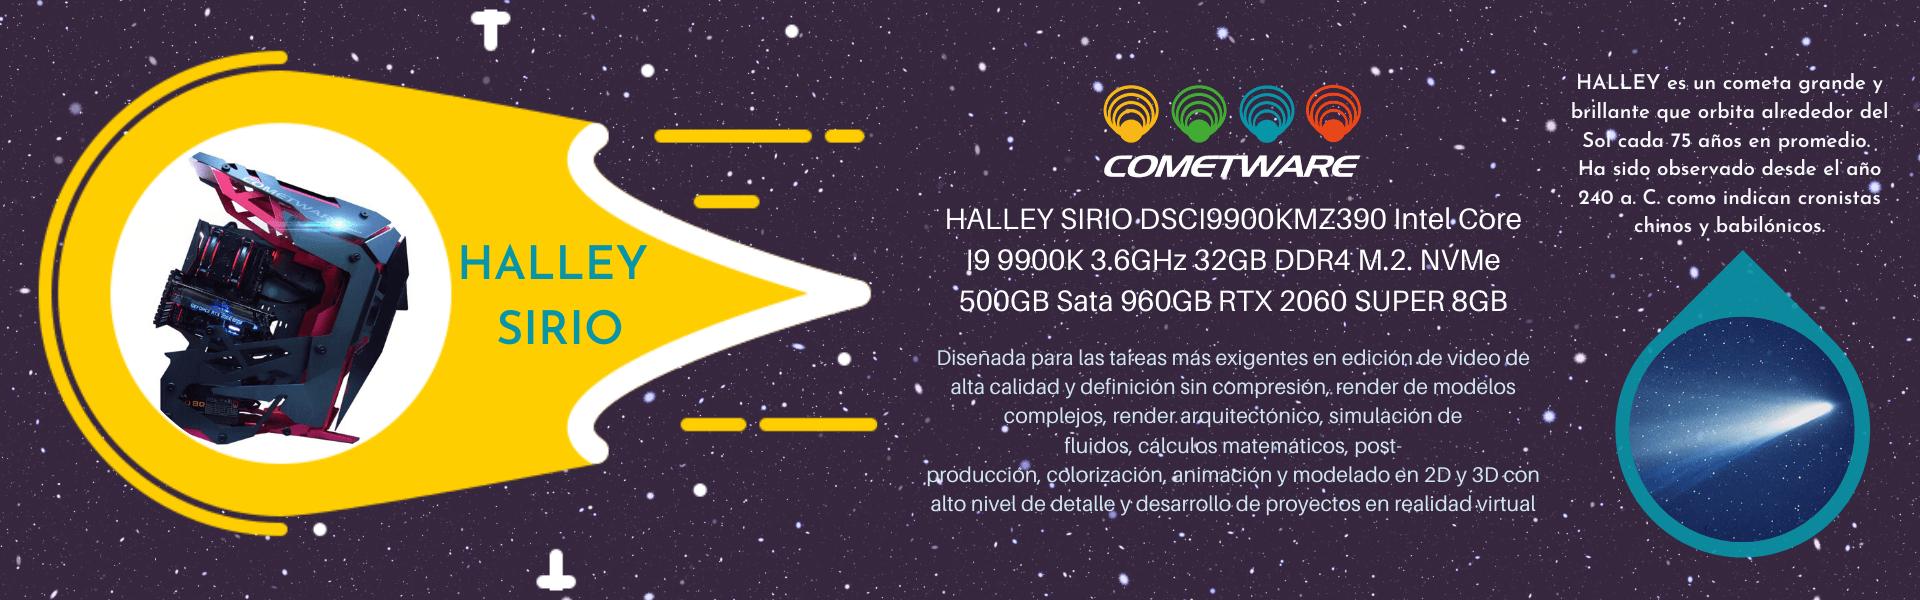 Cometware Halley Sirio